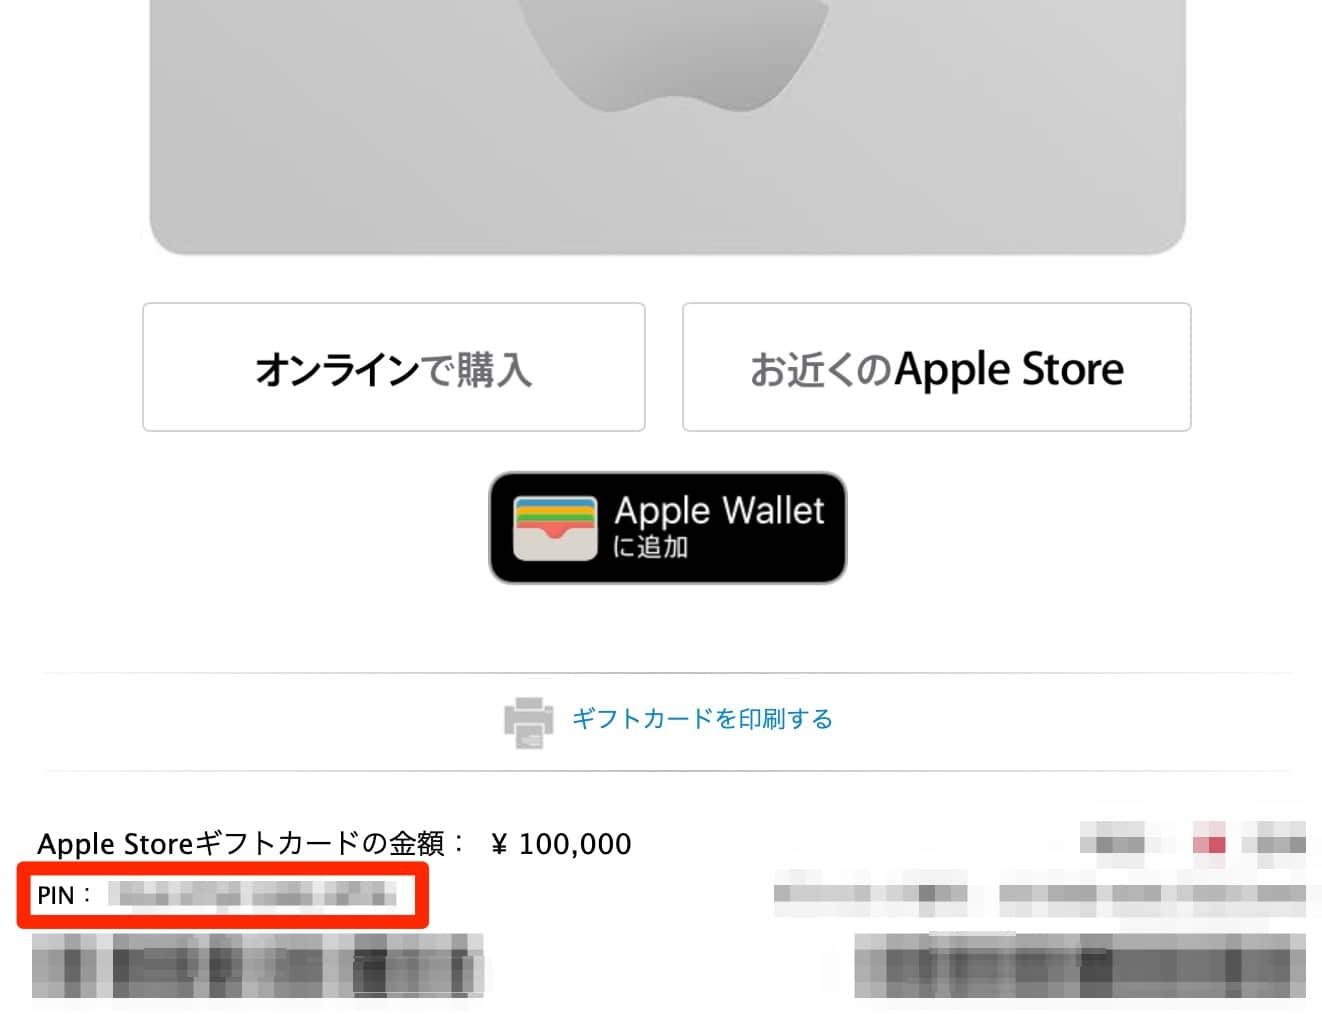 appleギフト券のpinコード